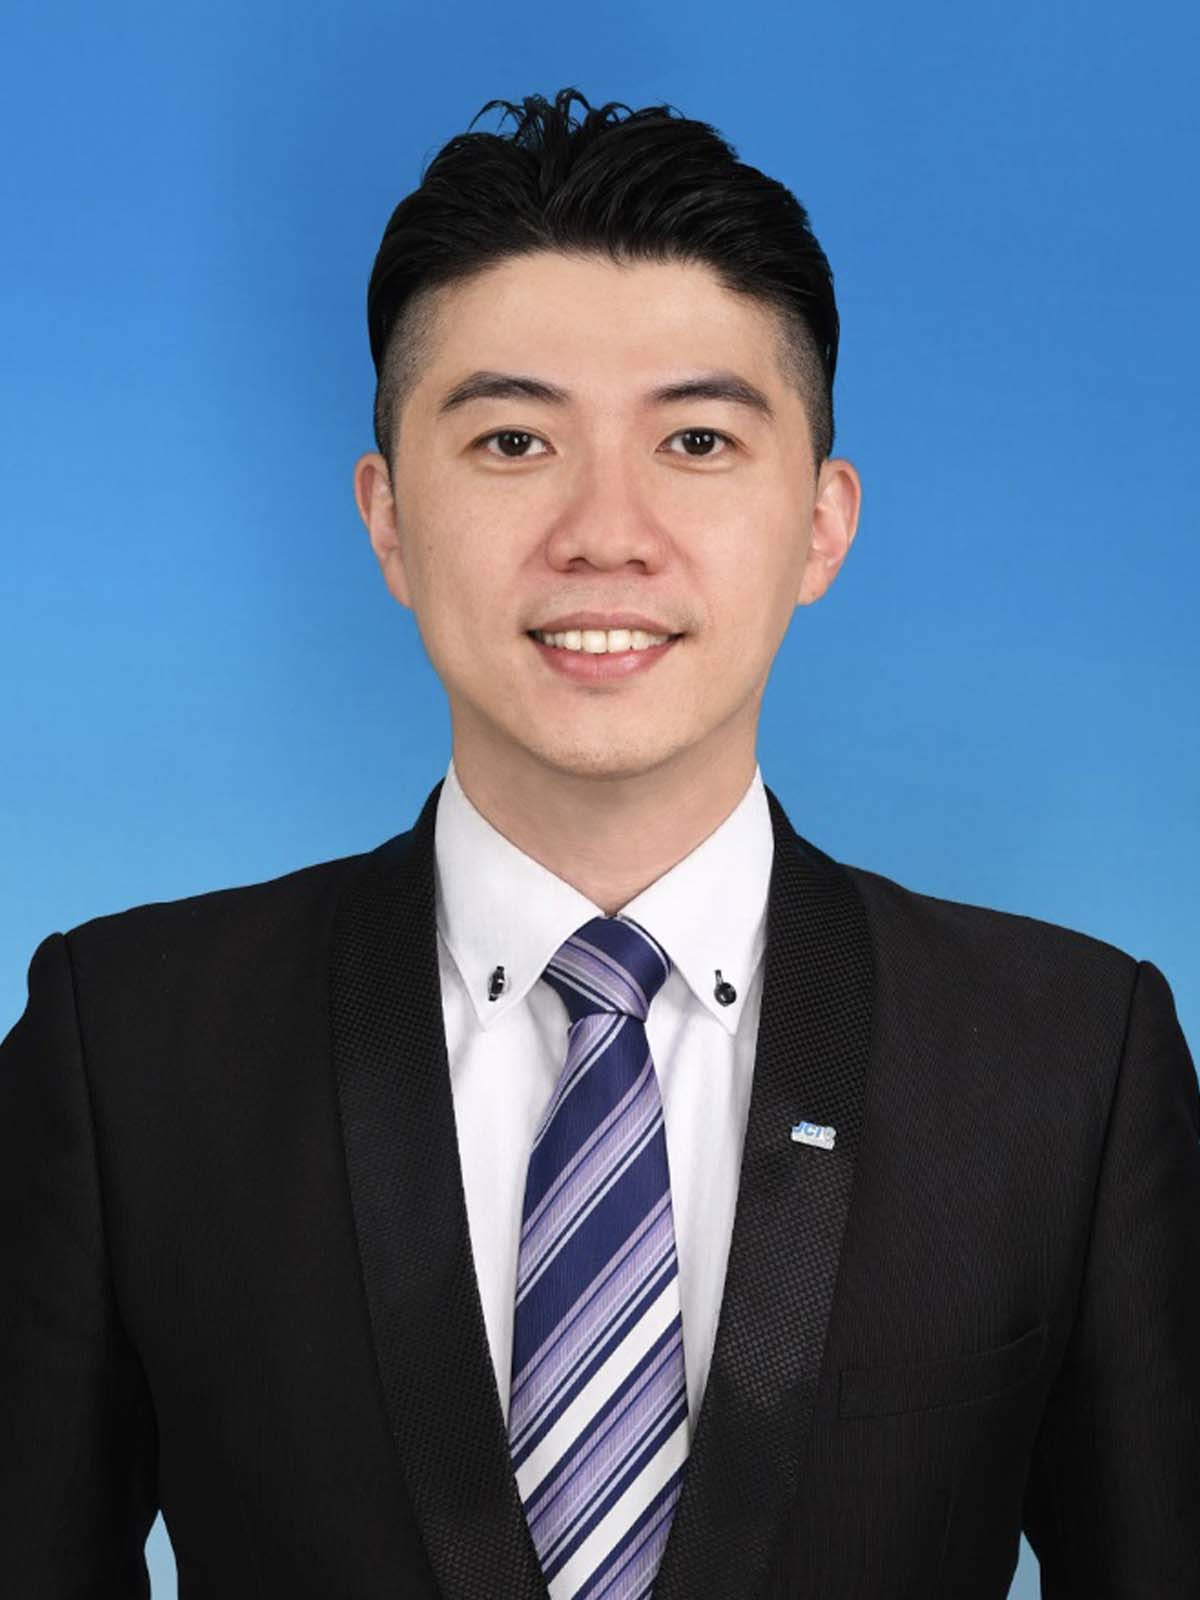 ipp-ivan-wan